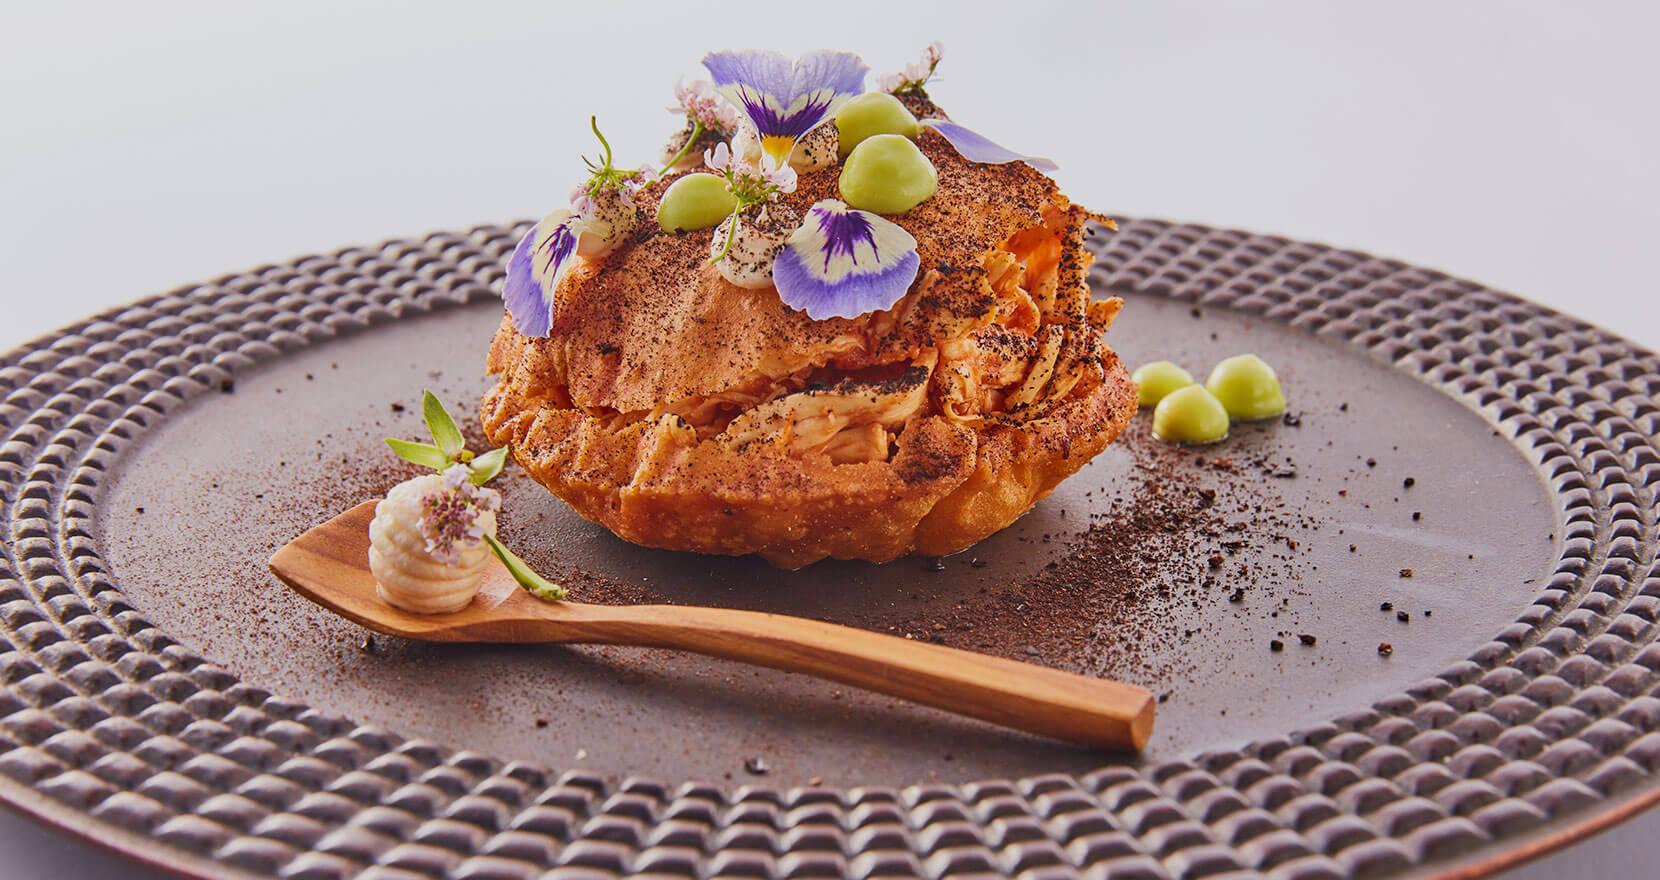 A Gourmet Getaway: The 2018 International Gourmet Festival